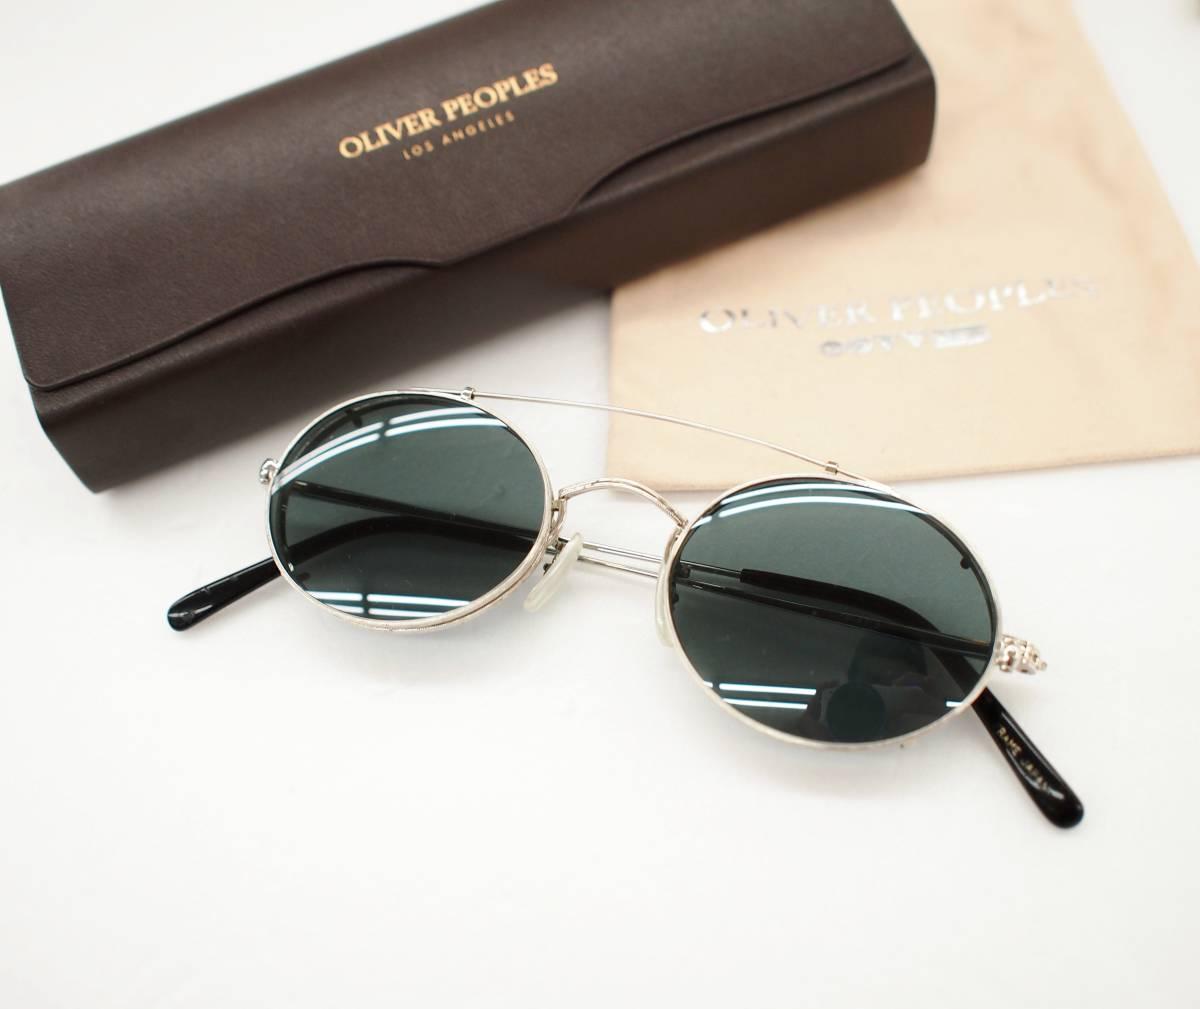 クリップオン付き OLIVER PEOPLES オリバーピープルズ OP-67 S 眼鏡 サングラス